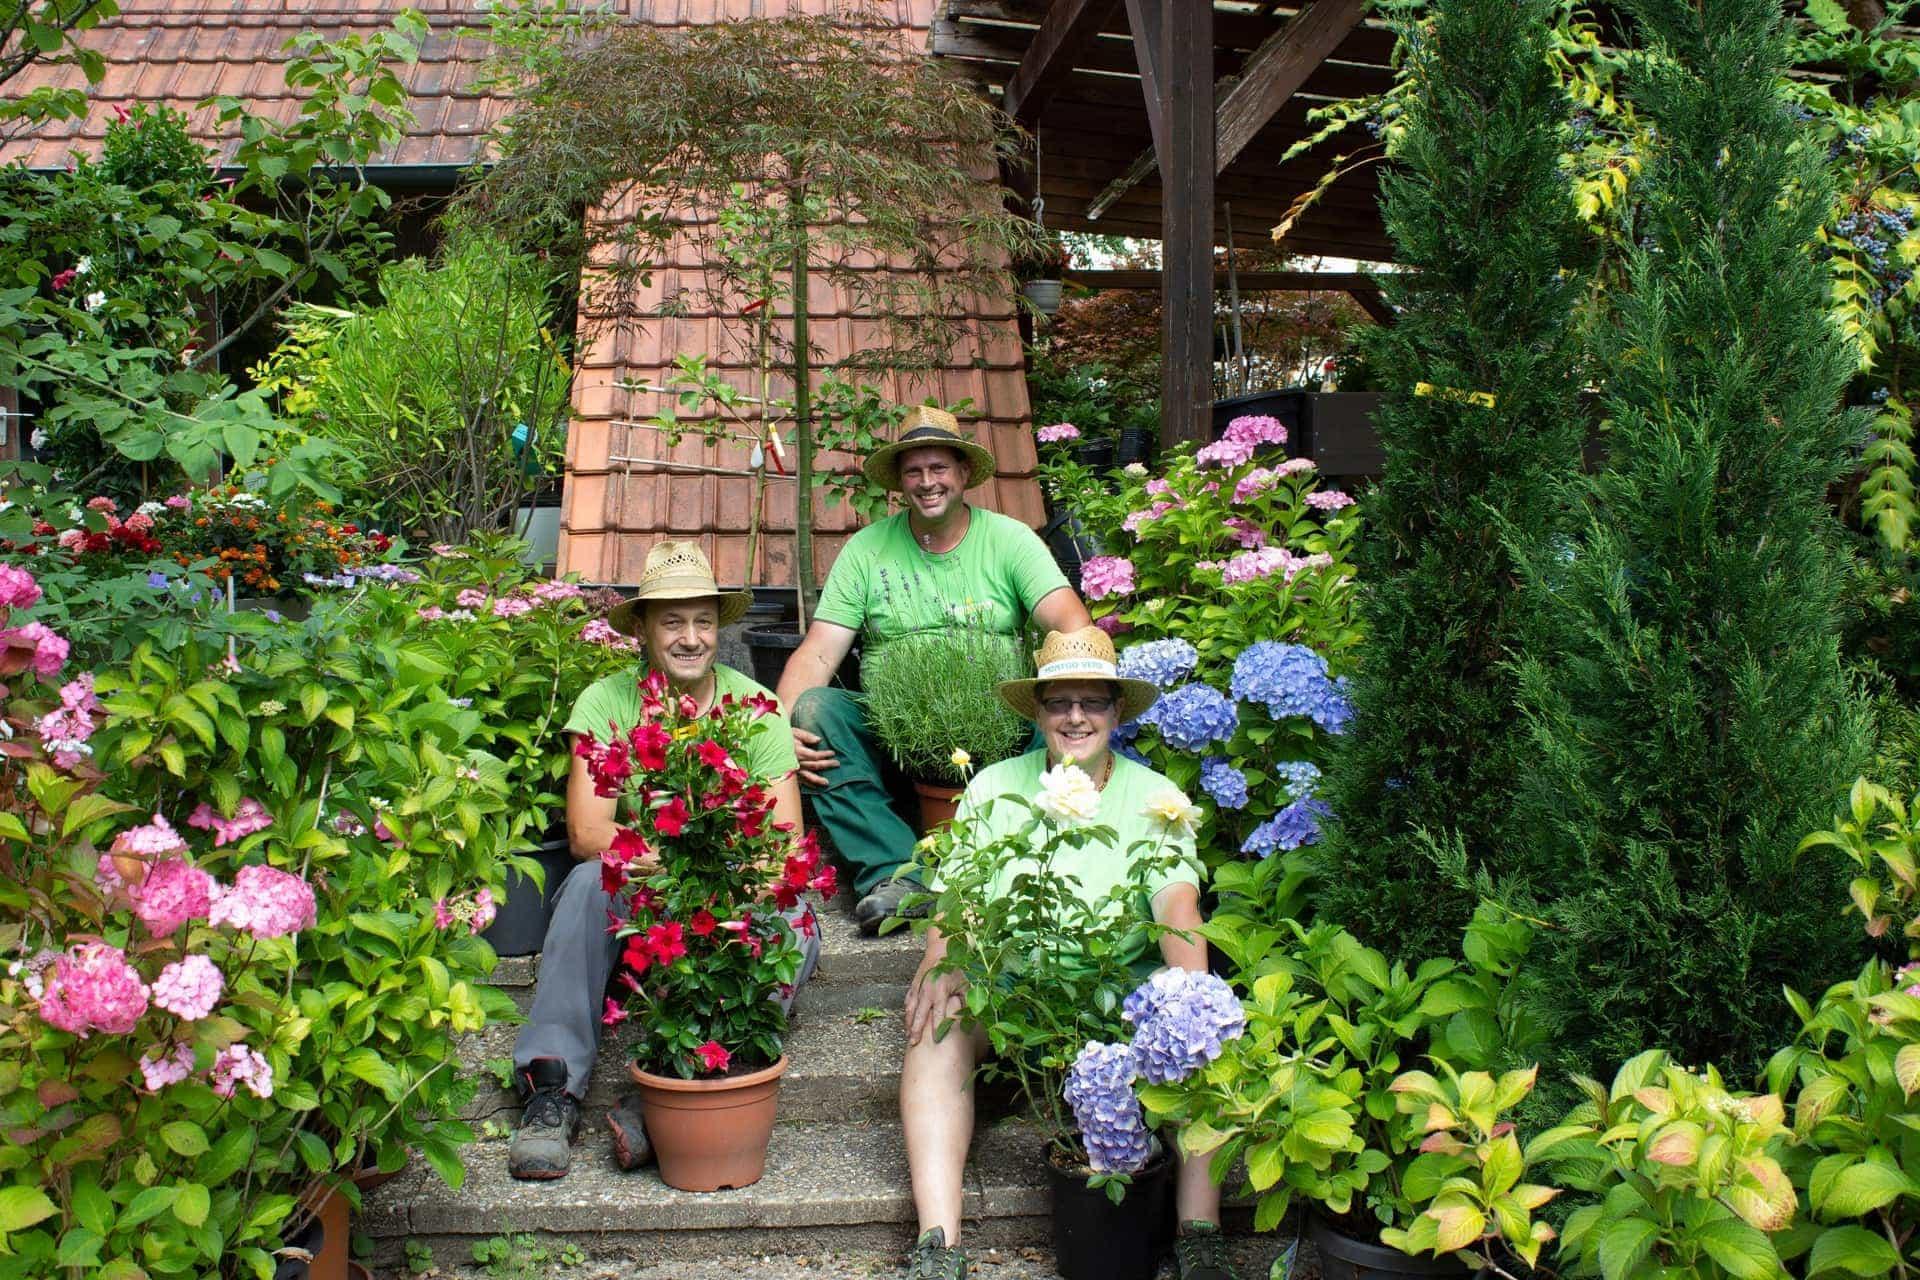 Gartenparadies Delazer ... und alles wird grün